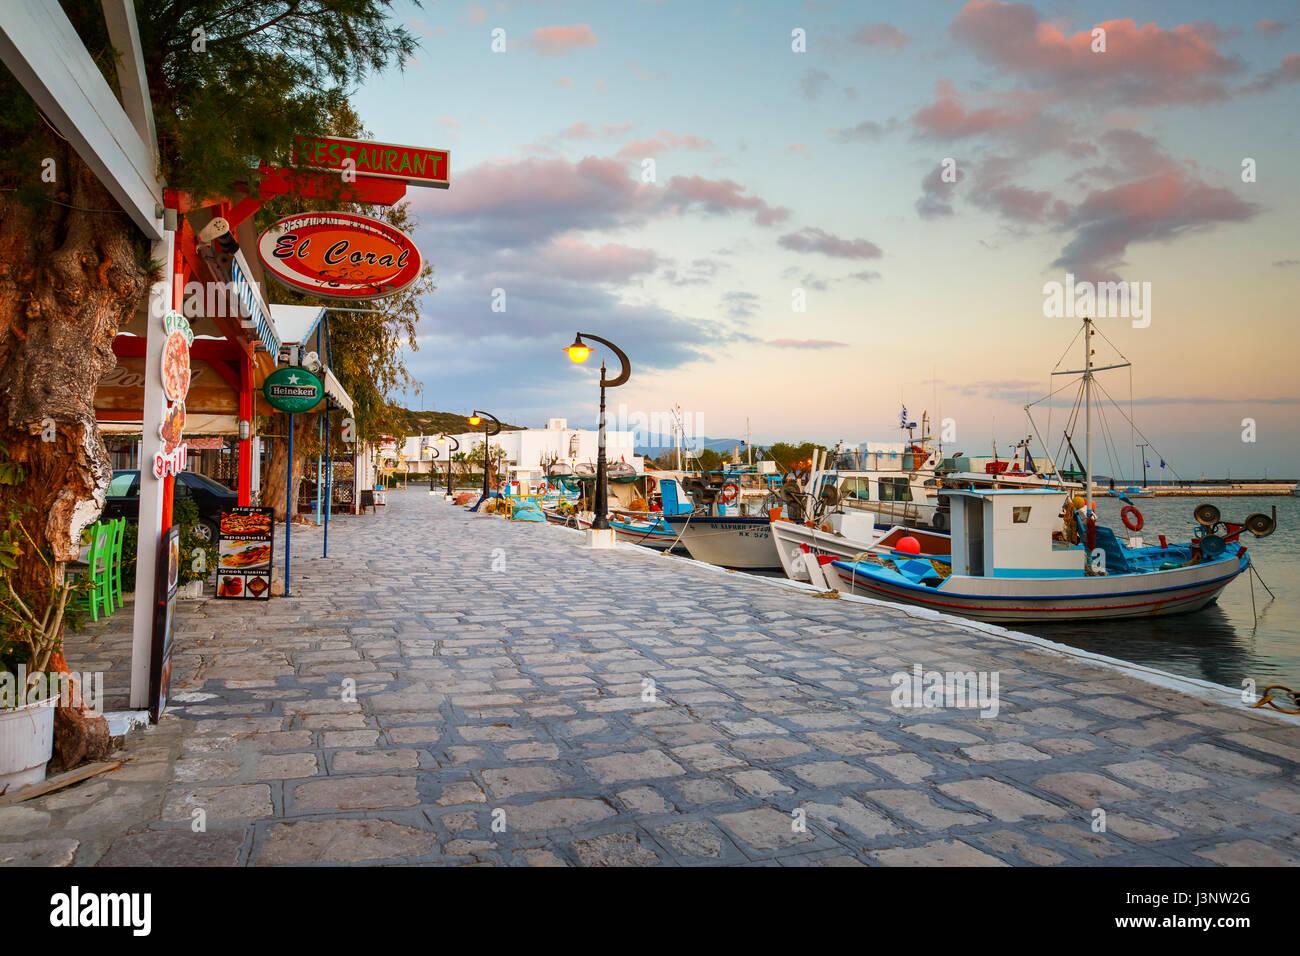 Picturesque Pythagorio town on Samos island, Greece. Stock Photo